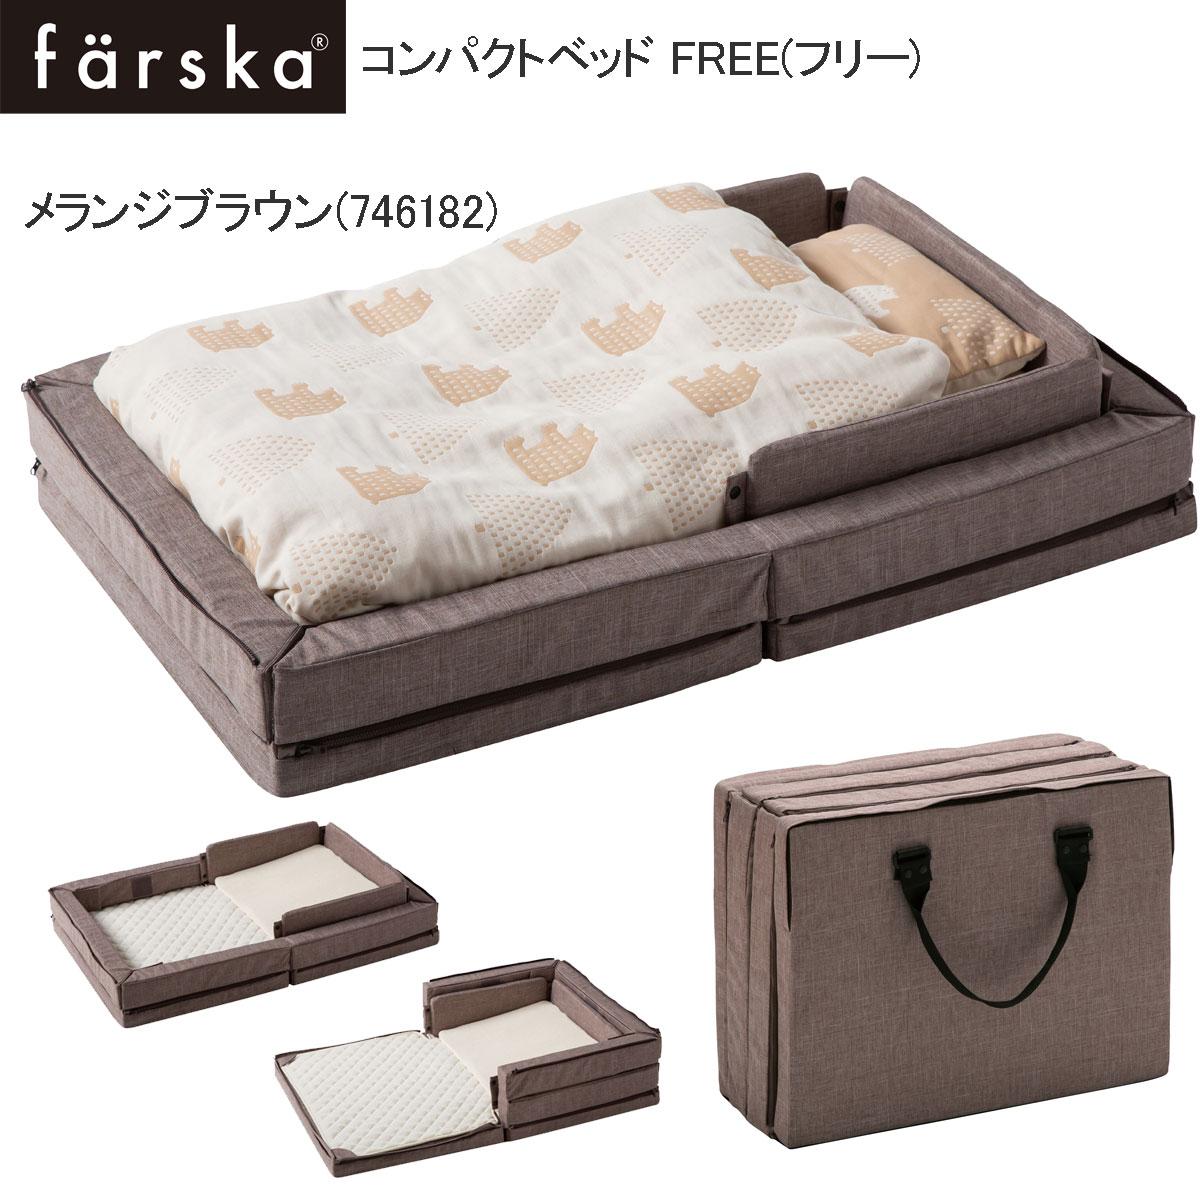 【送料無料】グランドール ファルスカ コンパクトベッド Free メランジブラウン(746182)/ farska ベッド 赤ちゃん コンパクトベッドフリー 収納